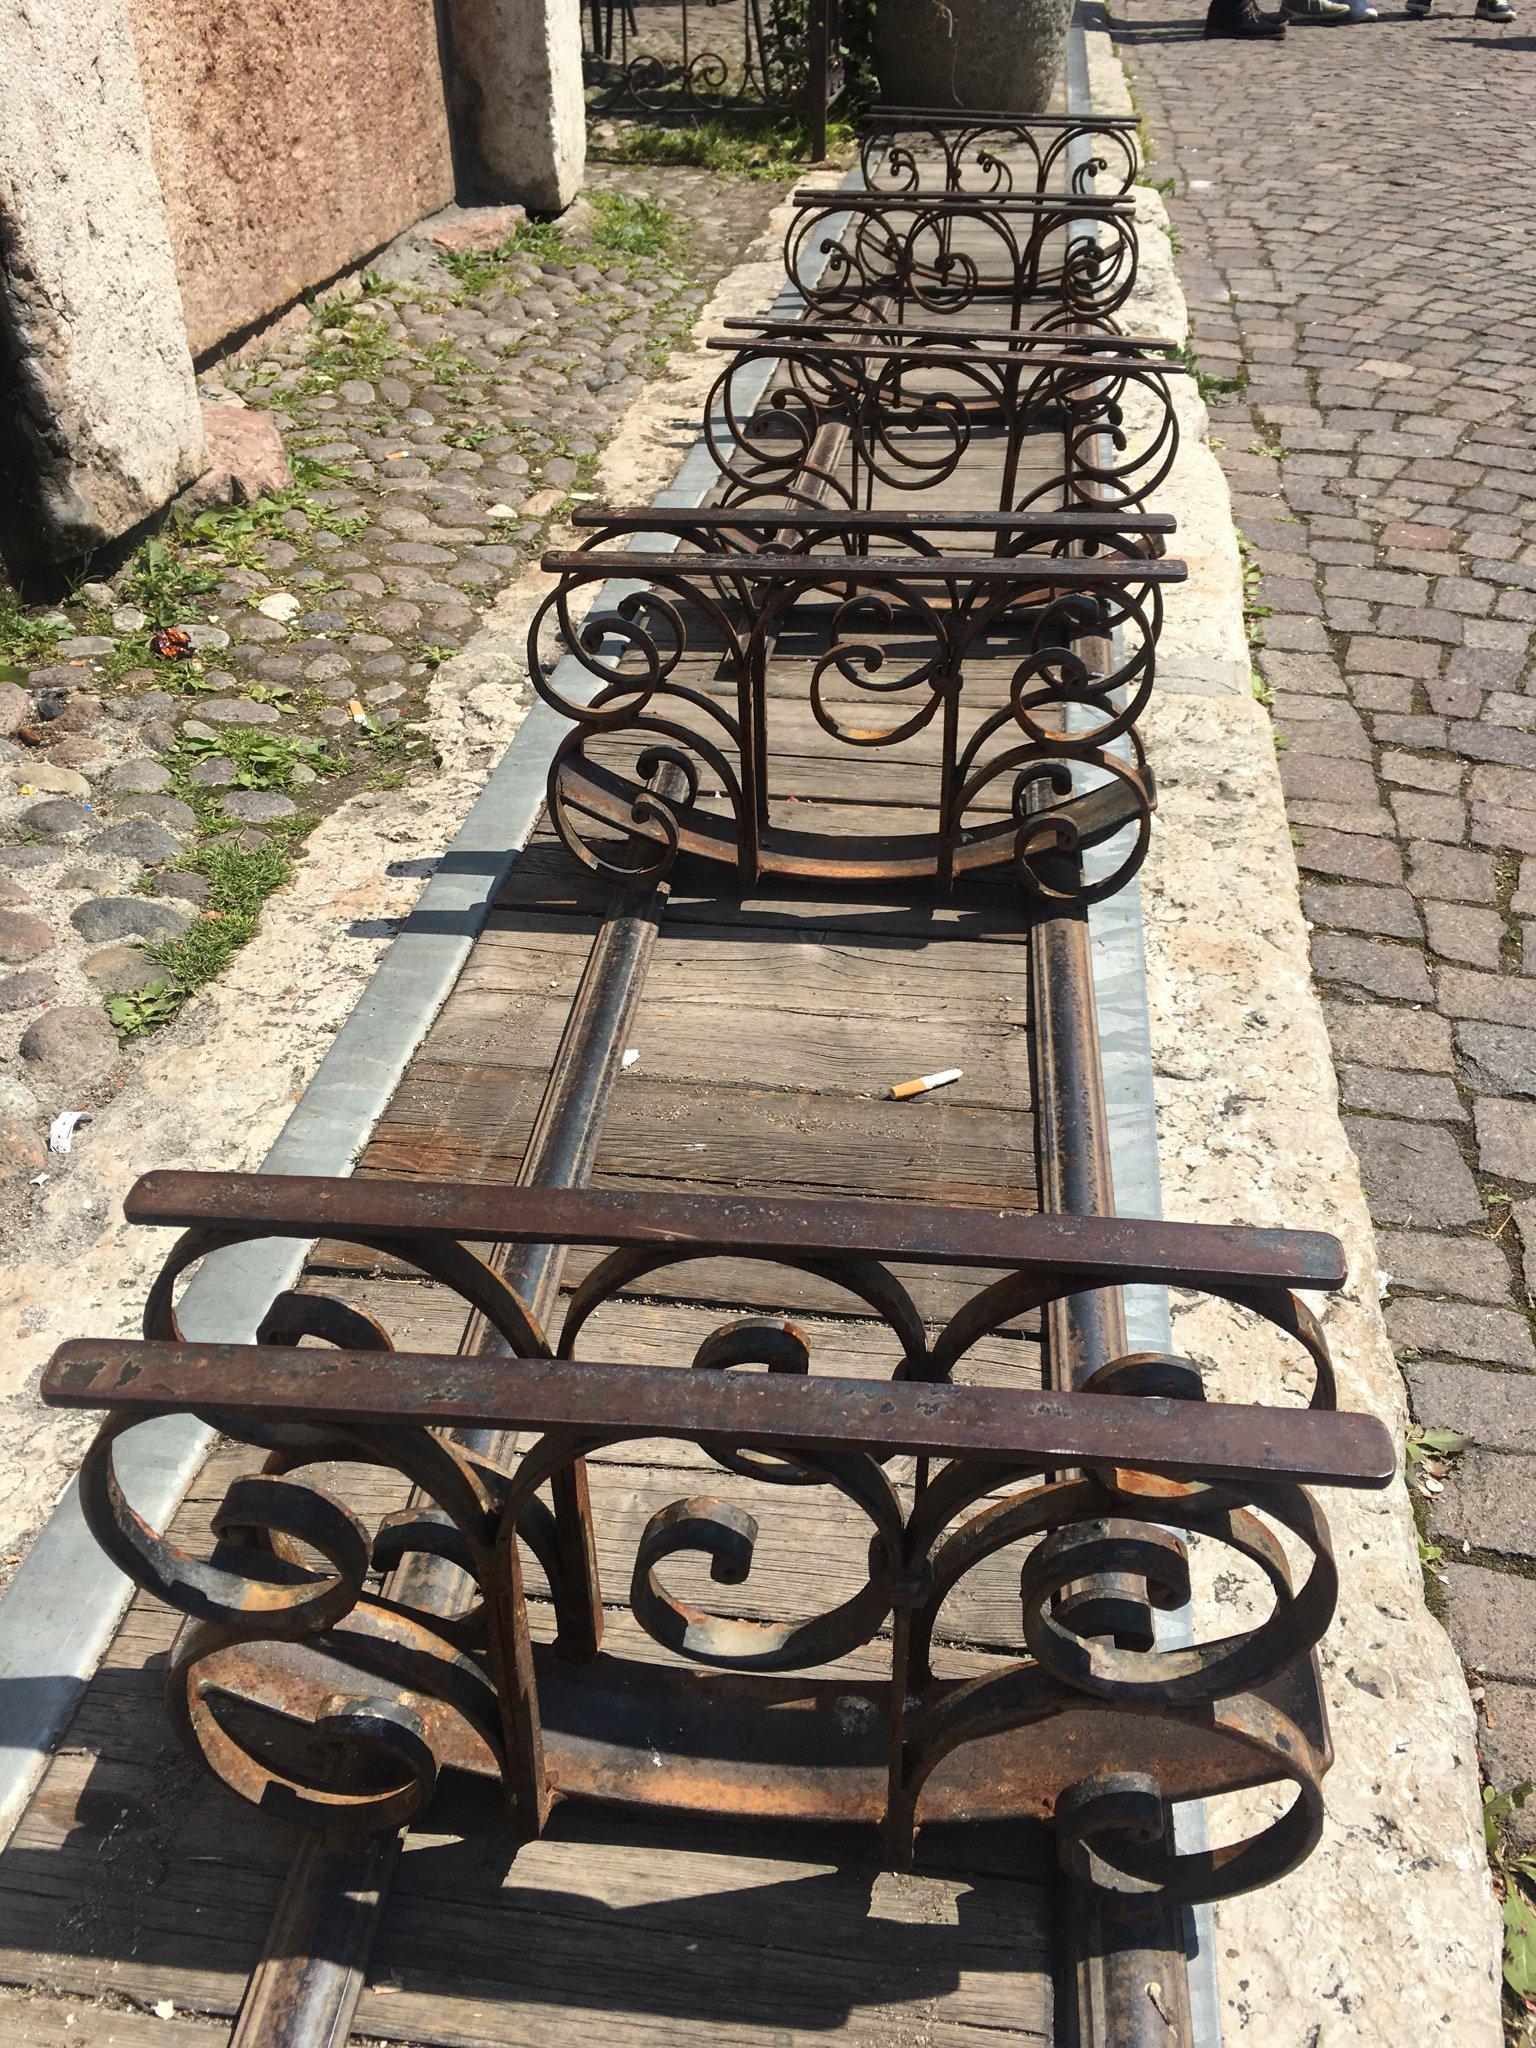 Mittelalterliche Fahrradständer #meurers #südtirol https://t.co/2h0m5gLqkl